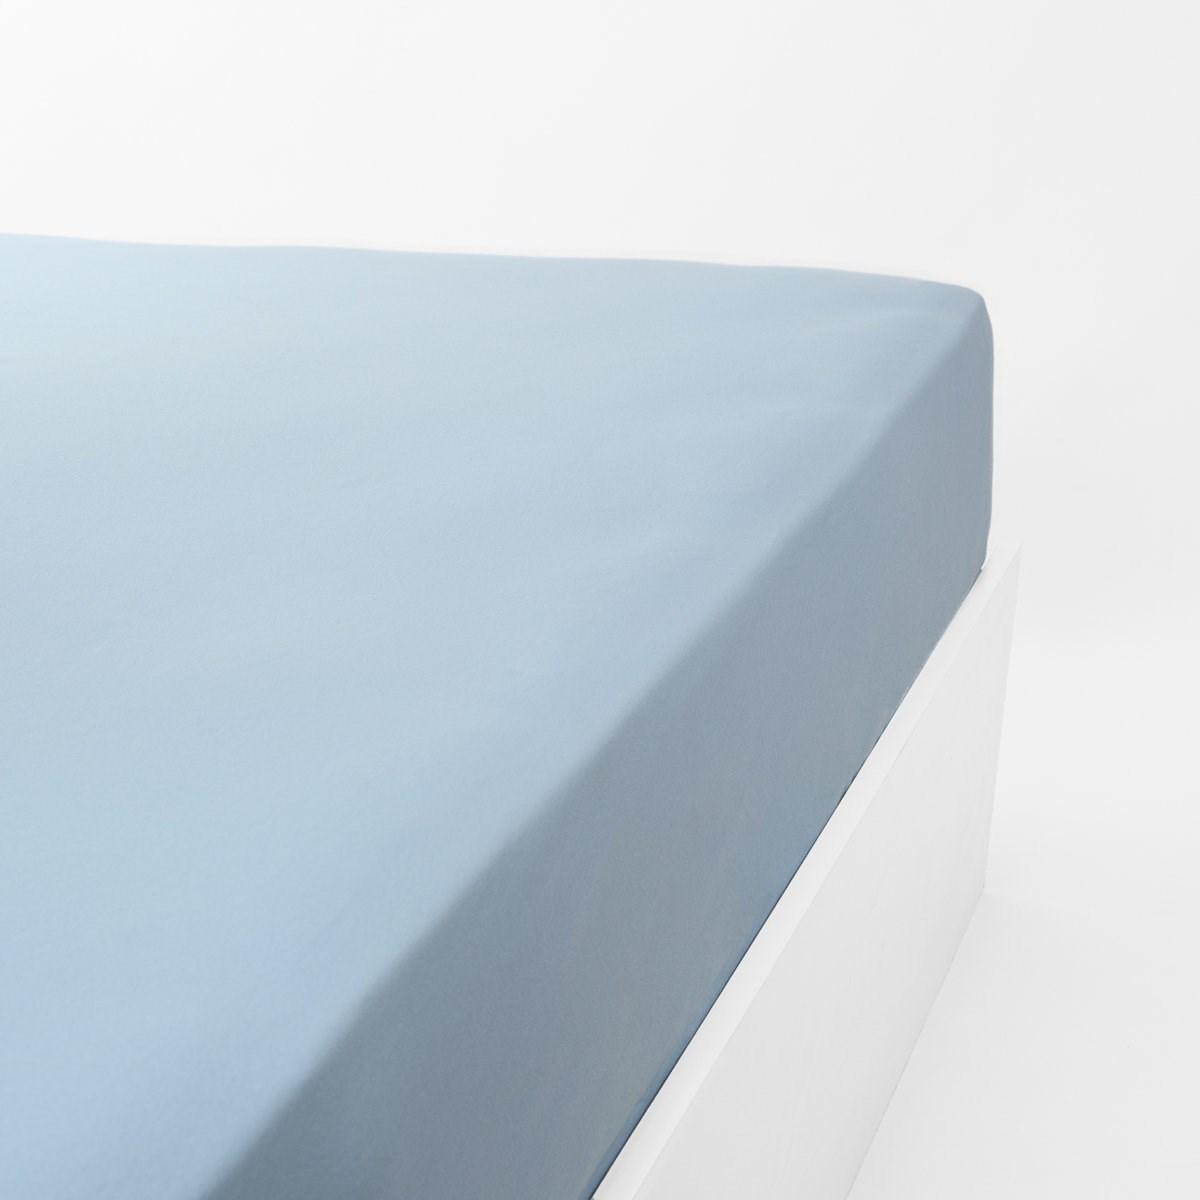 Drap housse jersey extensible en coton bleu clair 120x190 cm